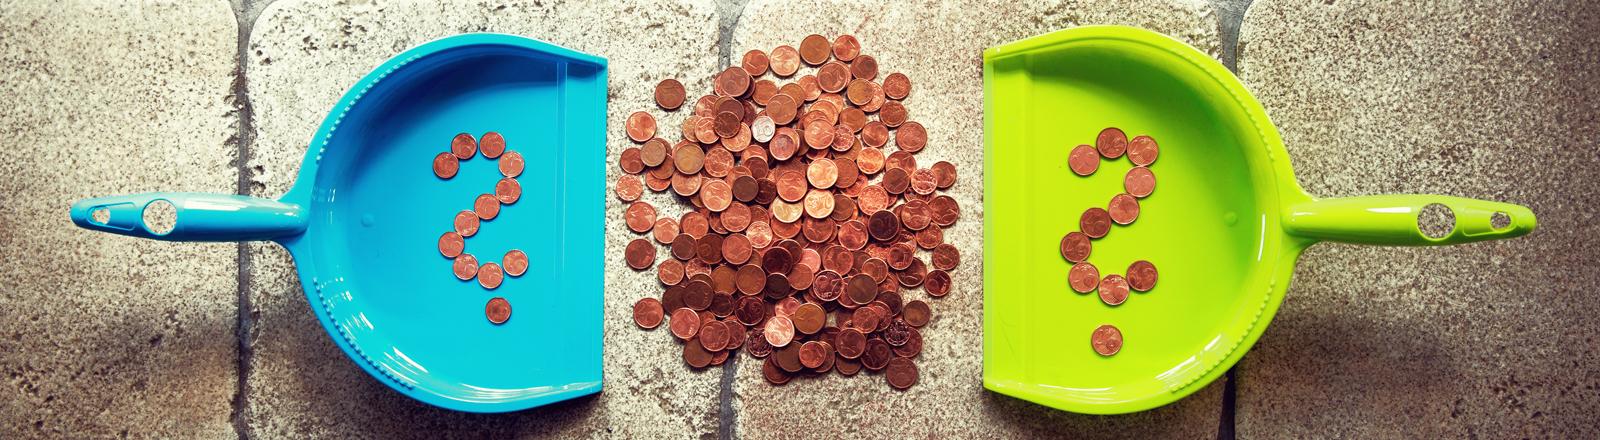 Cent-Münzen zwischen zwei Kehrblechen